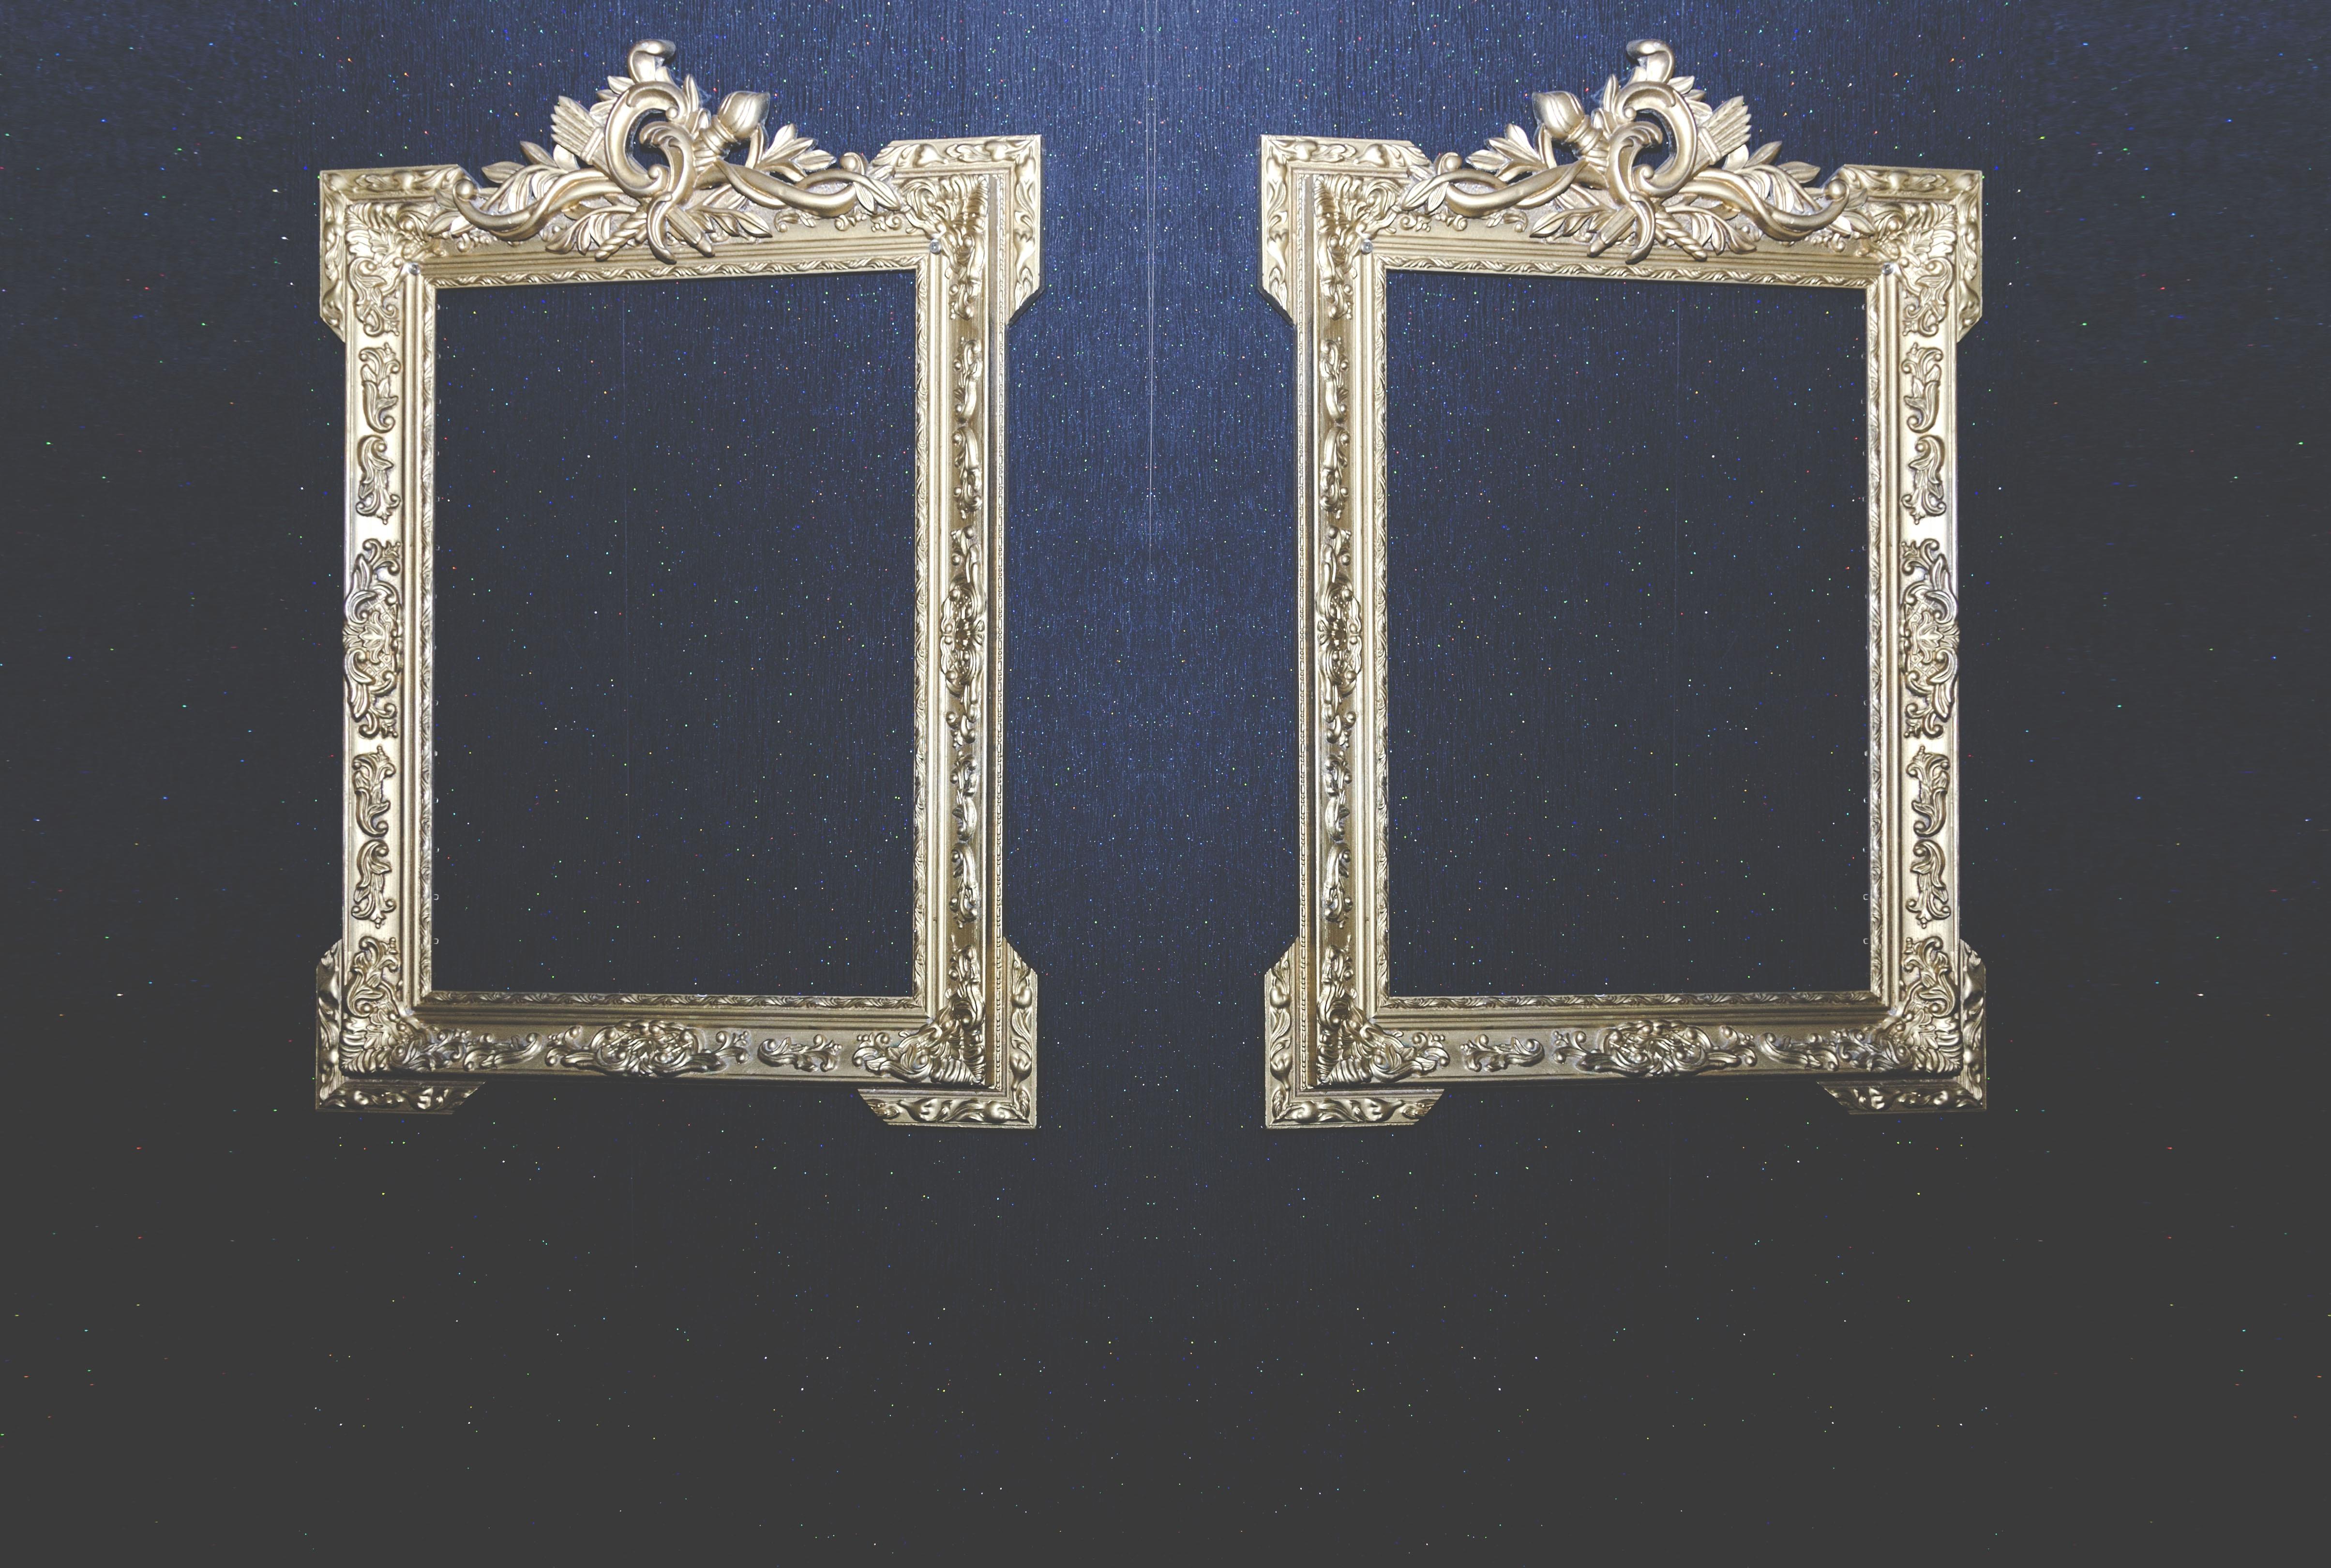 Fotos gratis : retrato, decoración, joyería, fuente, oro, plata ...